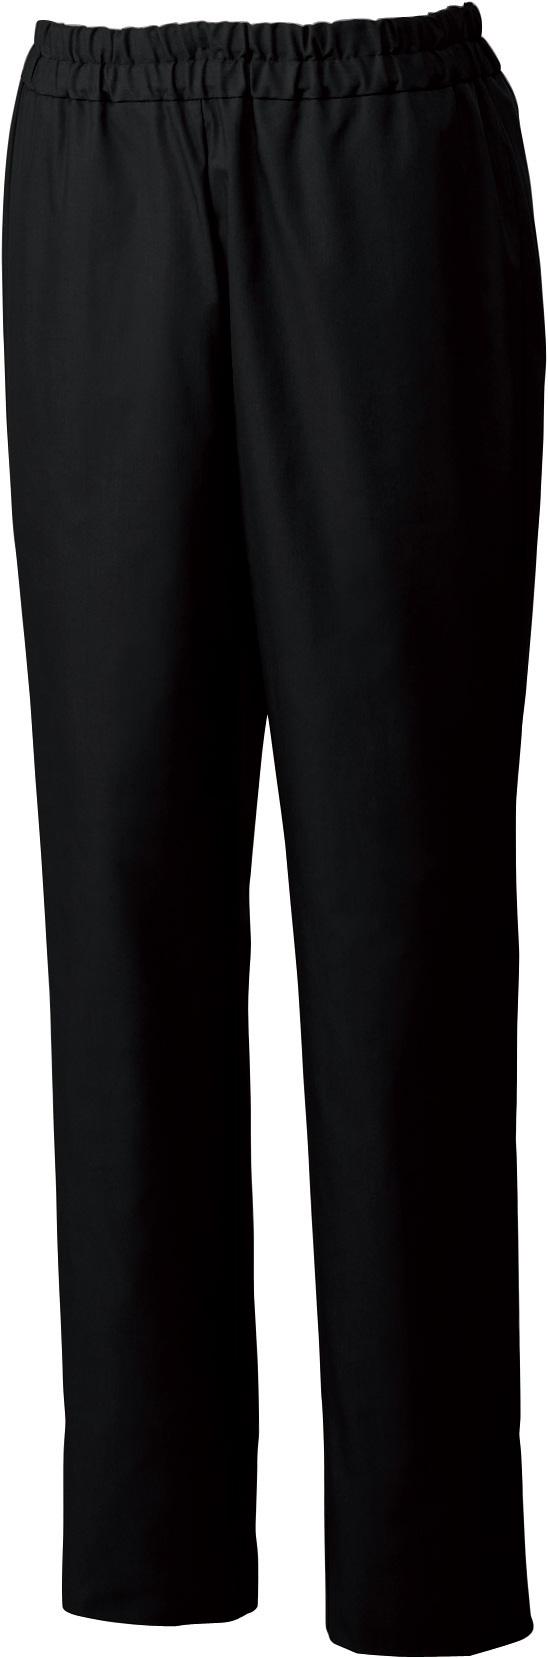 スクラブパンツ[男]販売。刺繍、プリント加工対応します。研修医、医療チームウェアに人気